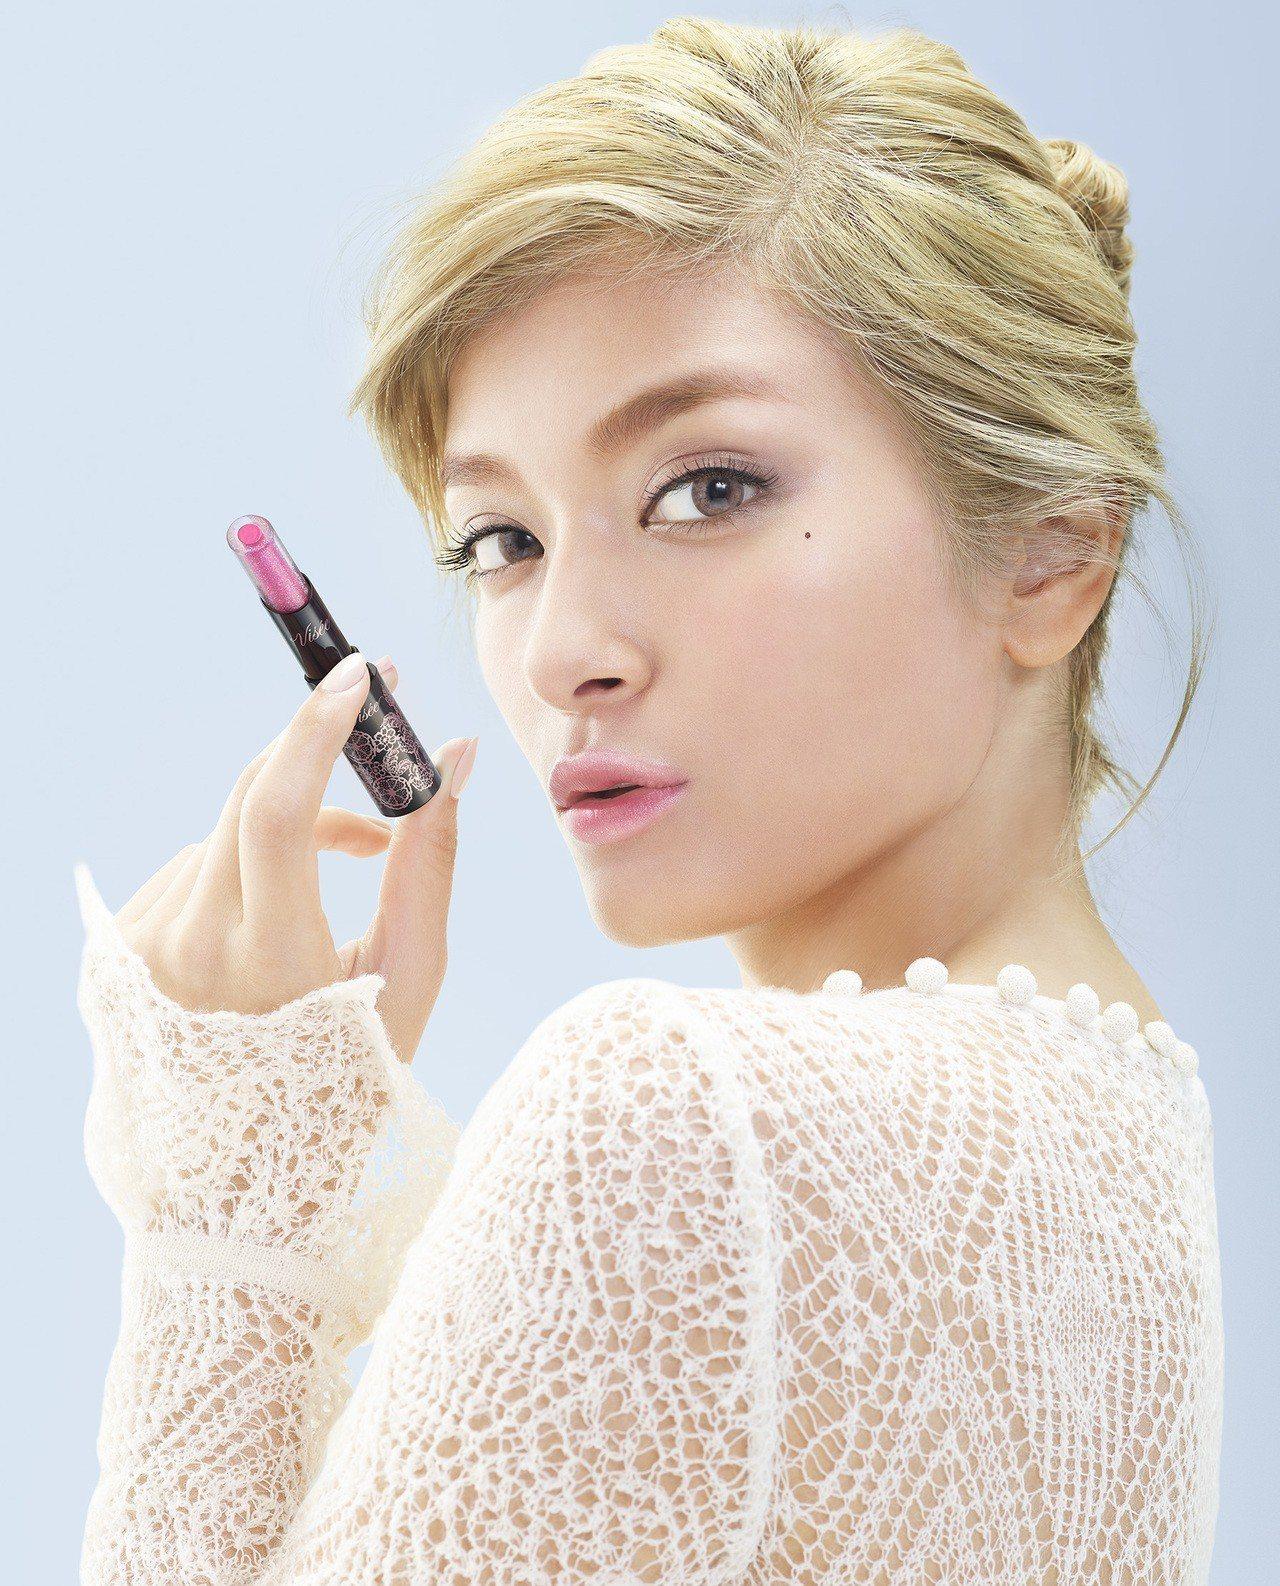 Visee光漾果凍夾心唇膏可輕鬆打造自然紅潤色彩漸層唇。圖/Visee提供